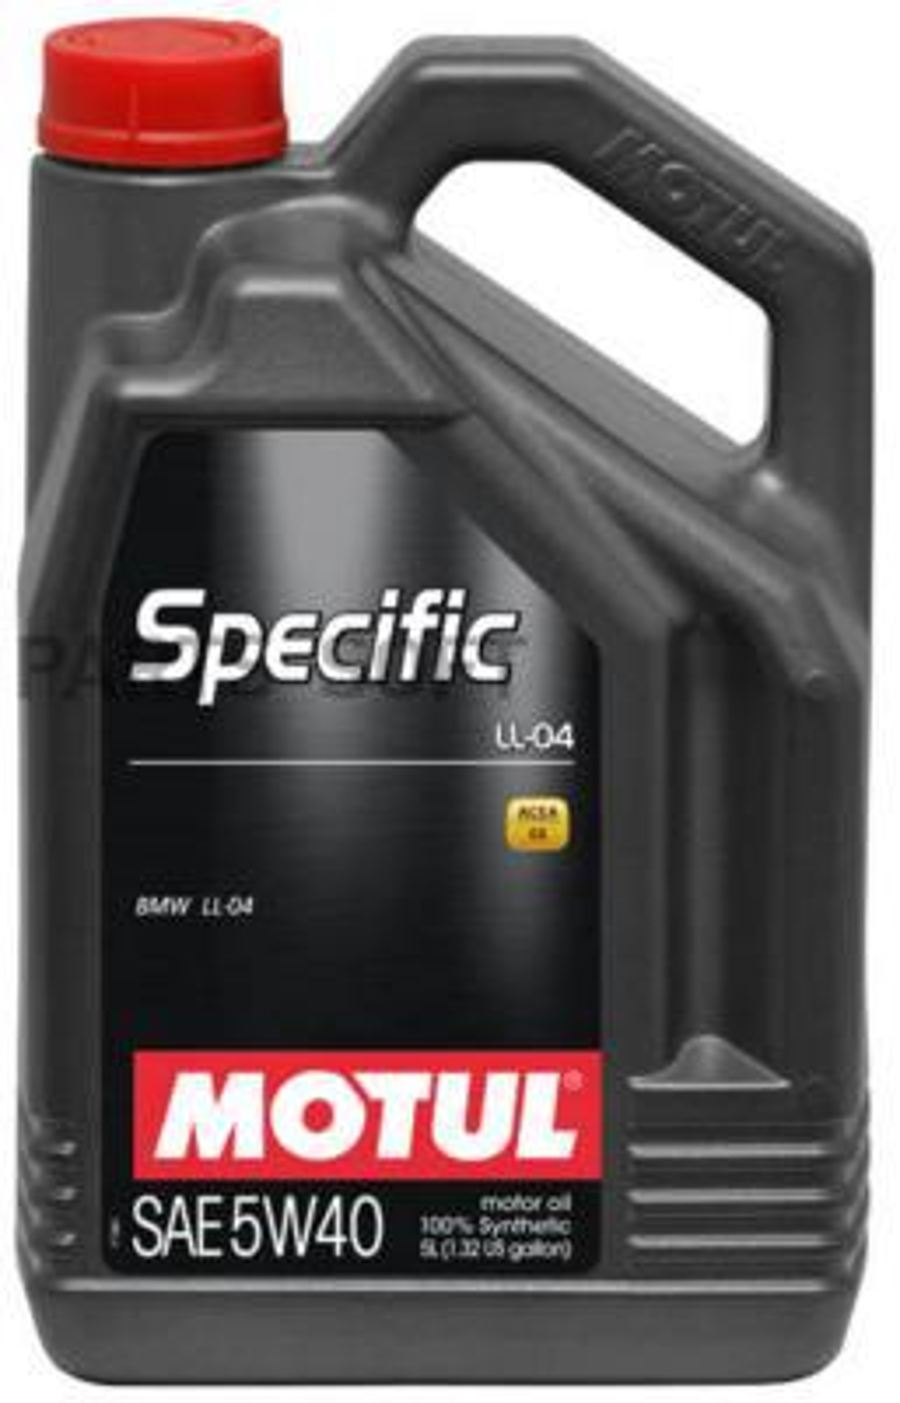 Motul SPECIFIC LL-04 .